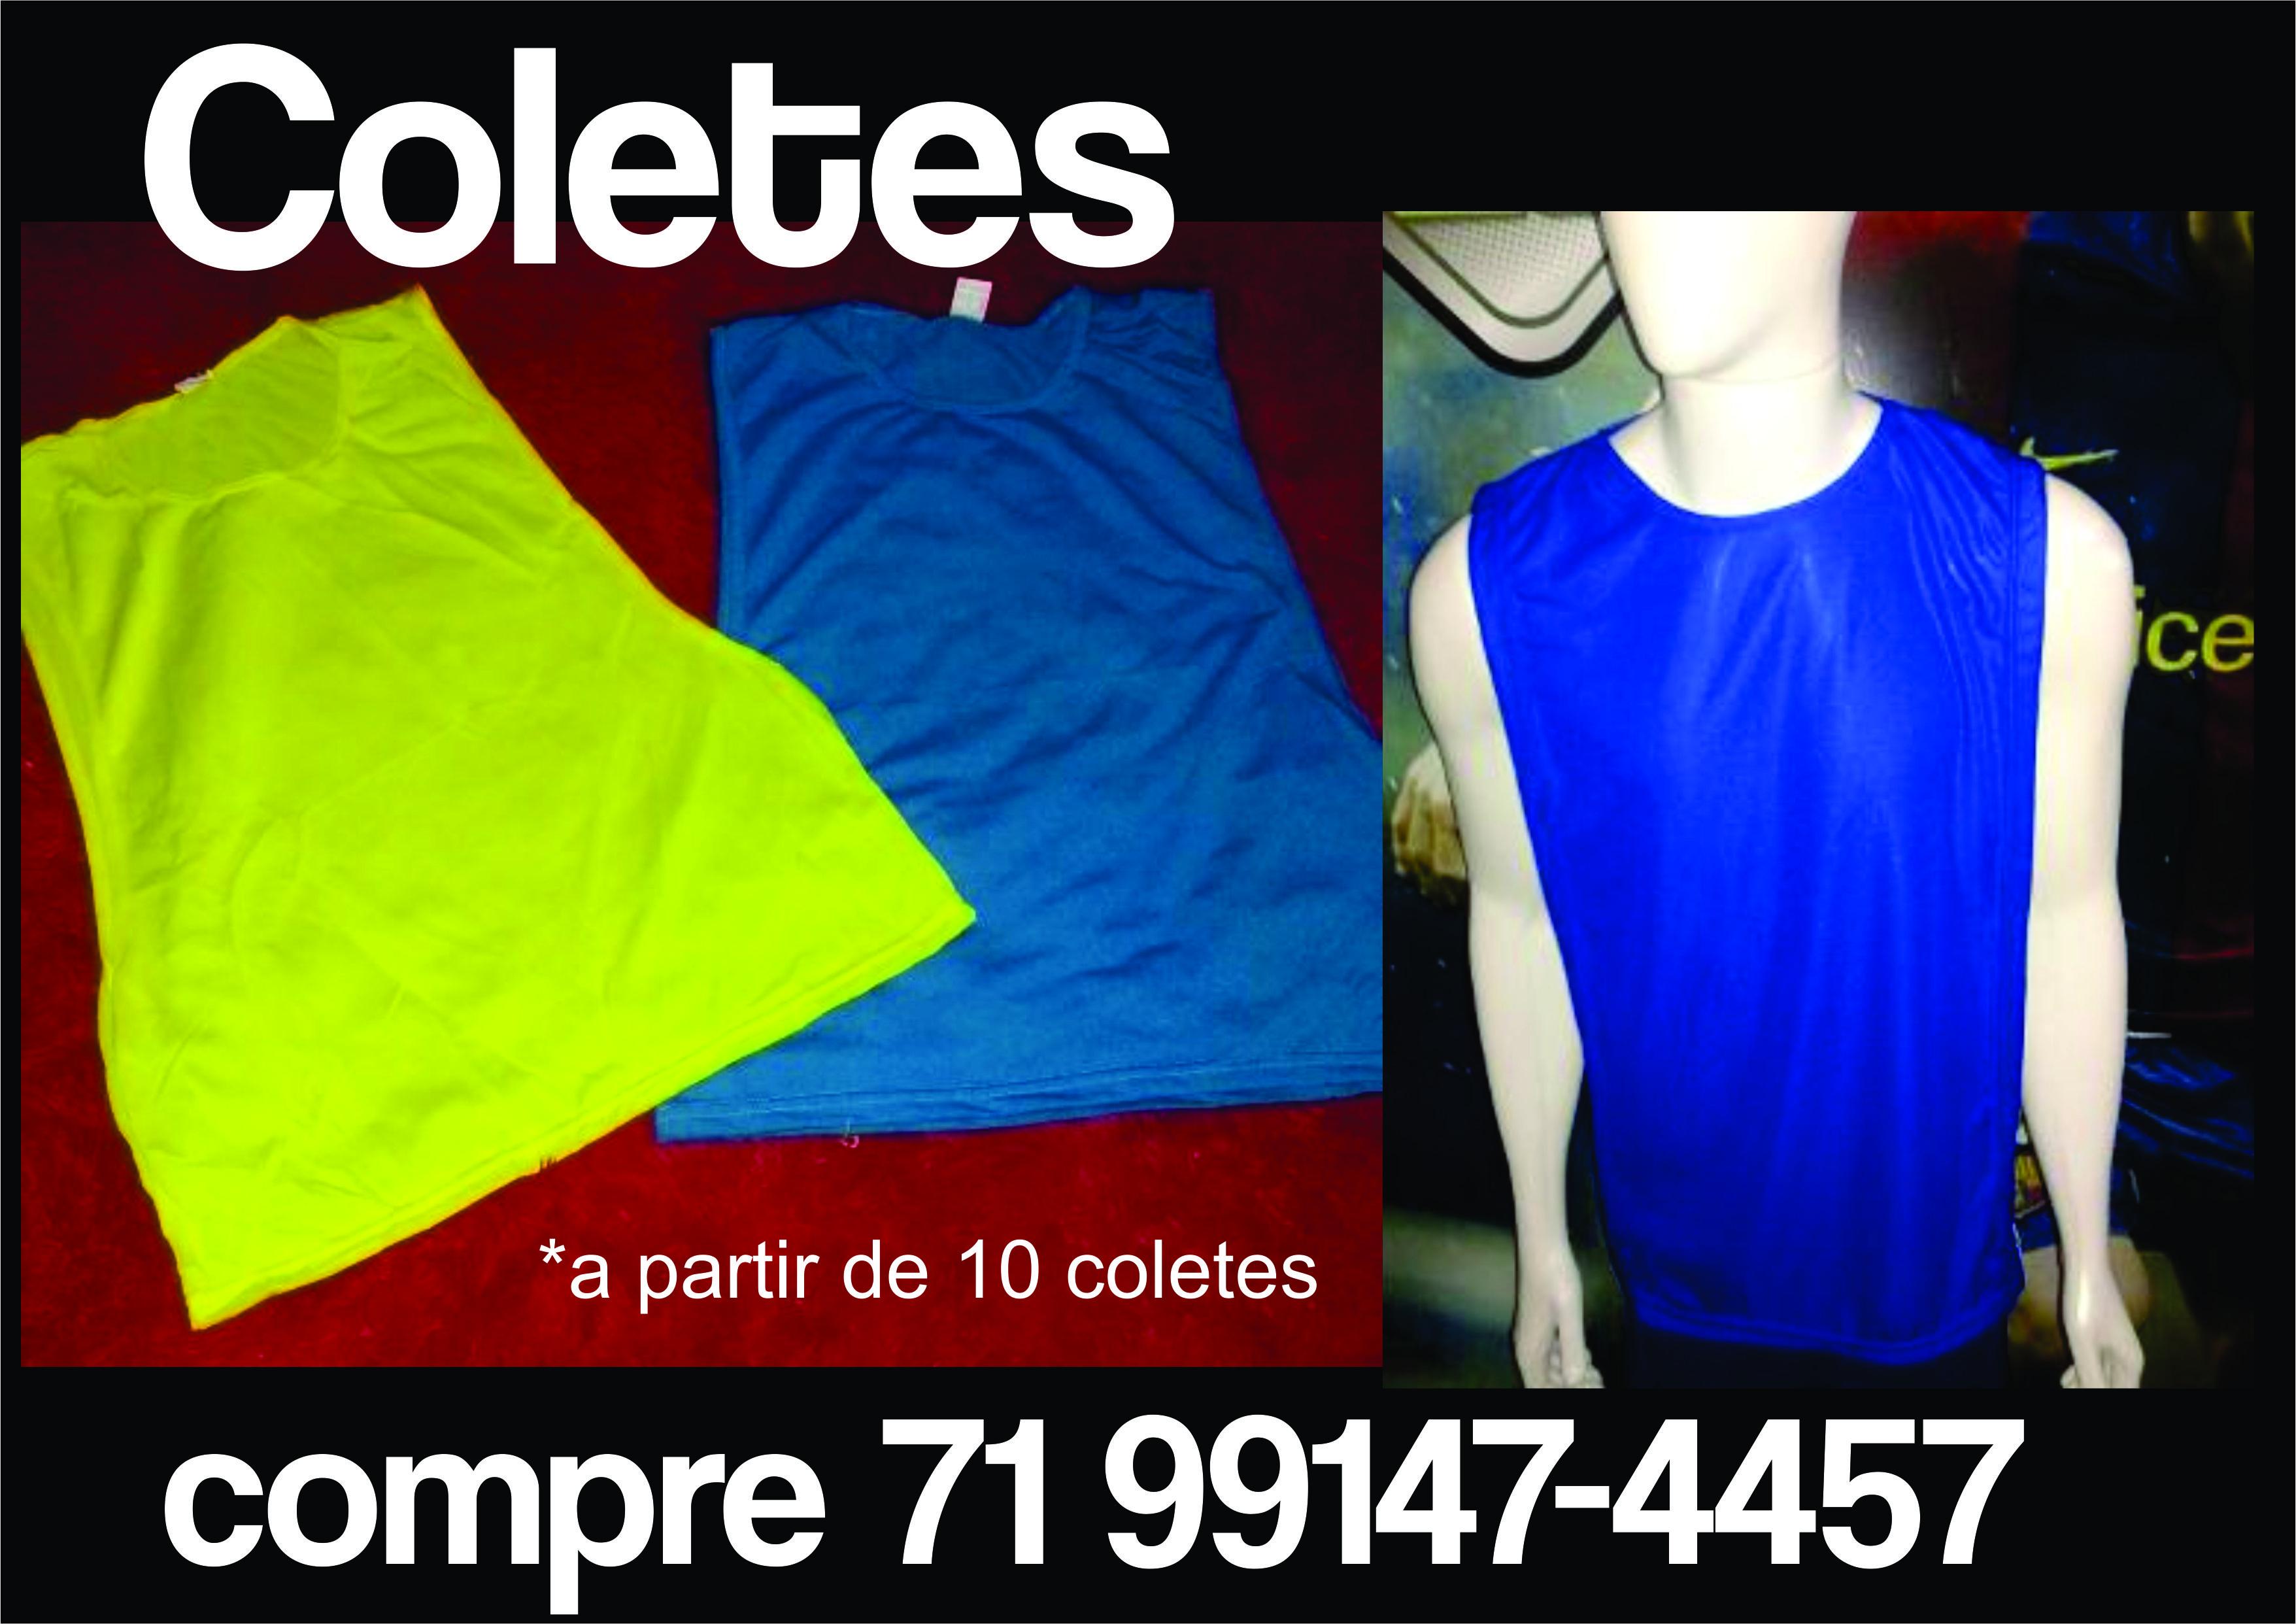 870d9278c9912 Colete Futebol